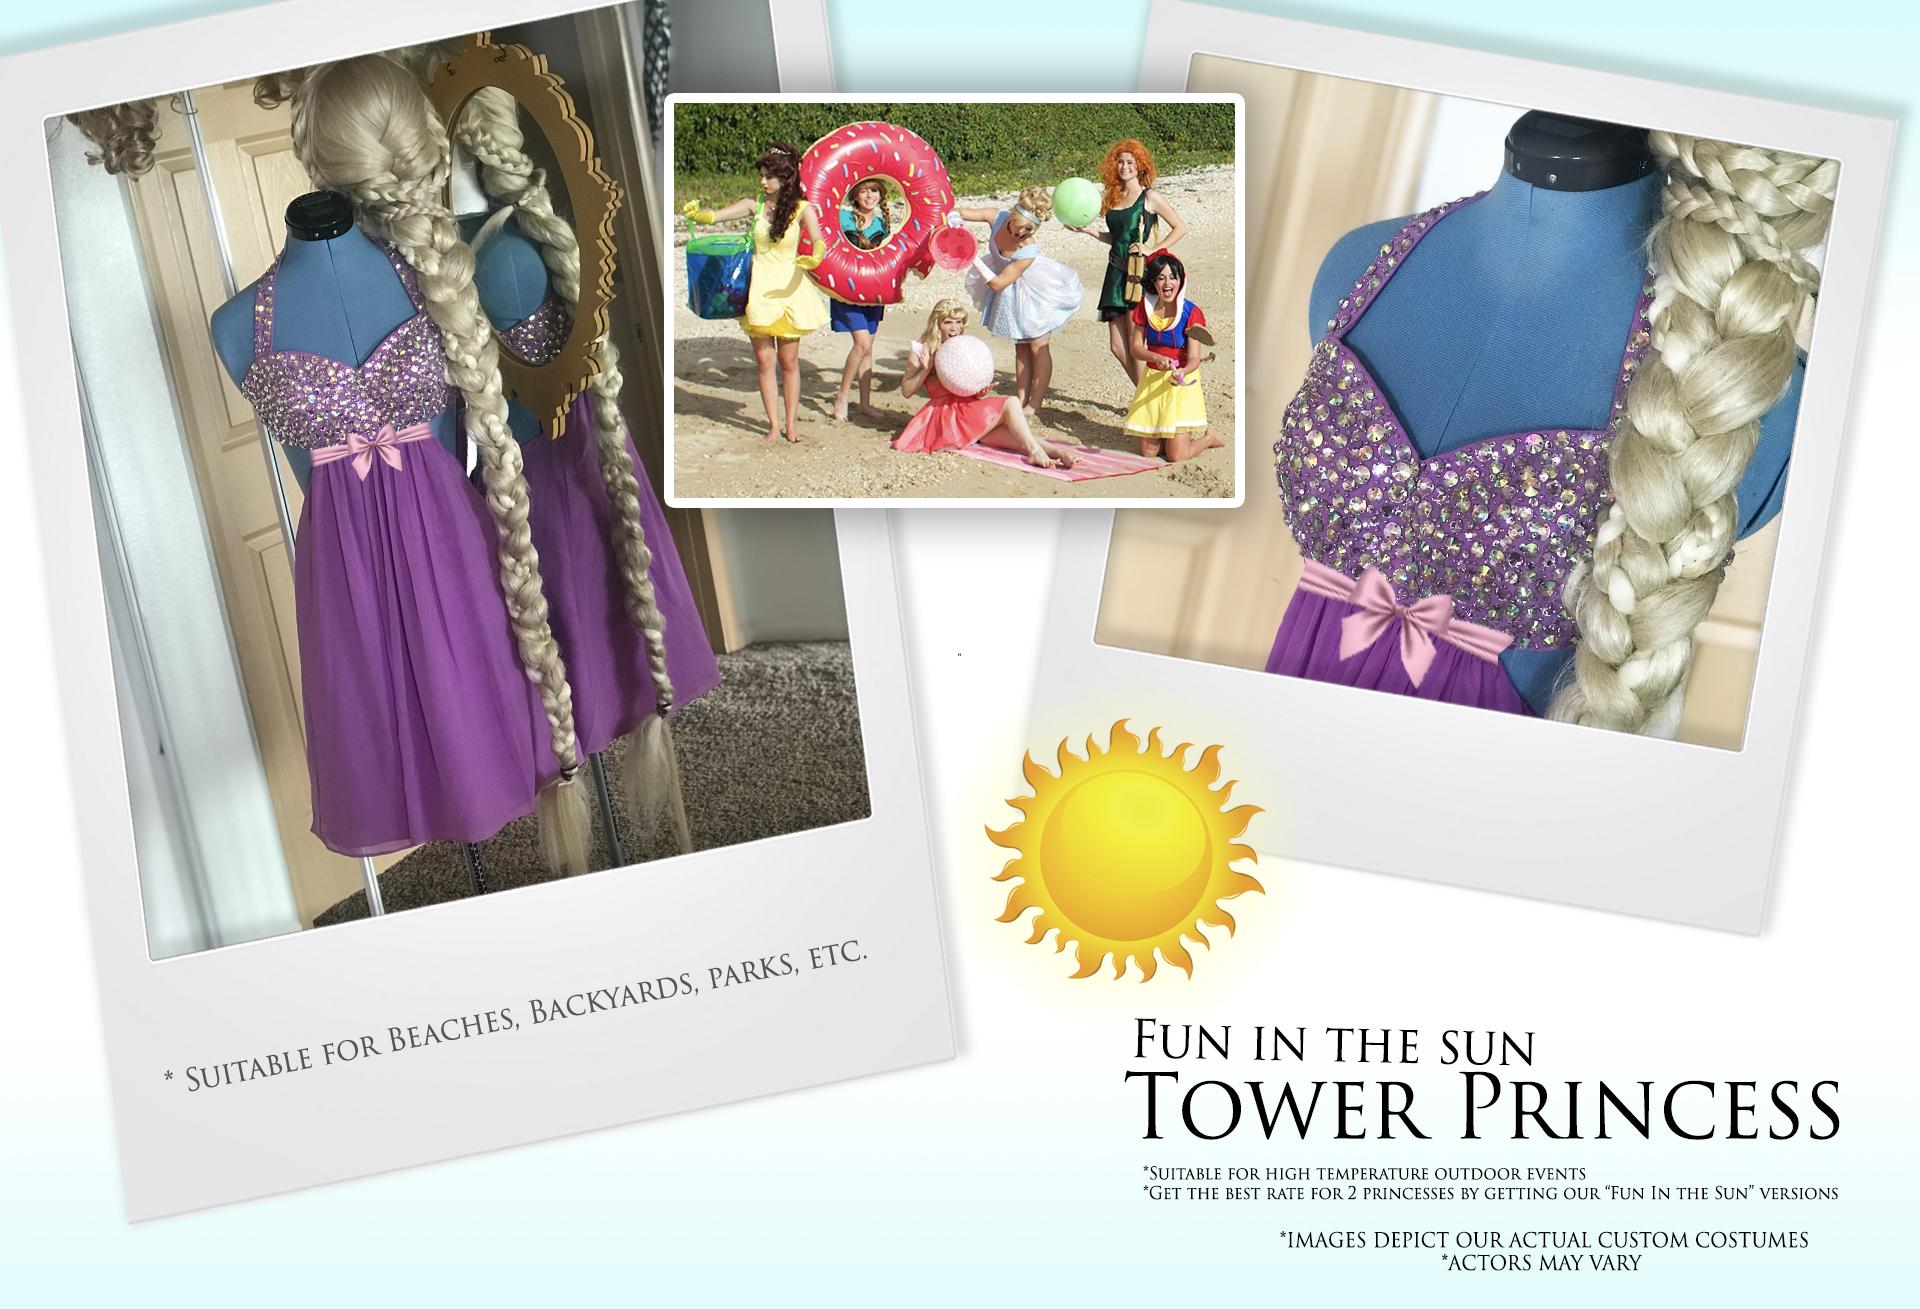 Fun in the Sun Tower Princess